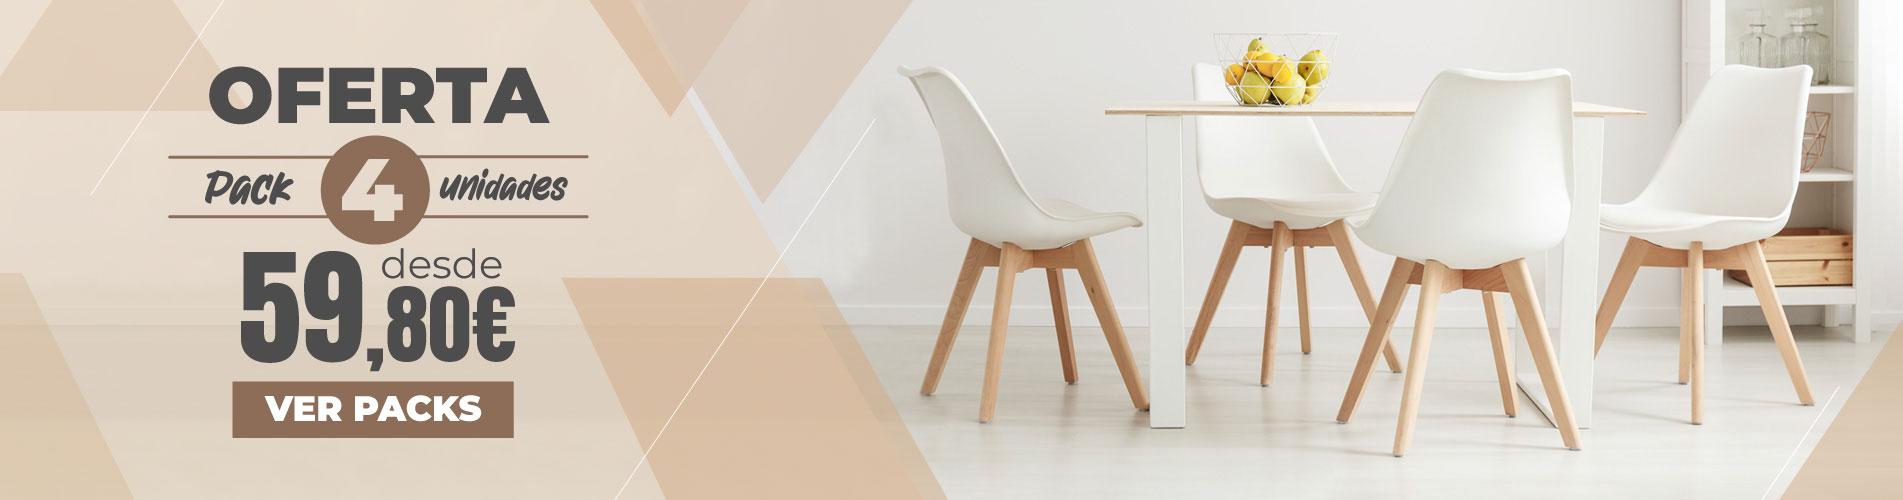 AsPack Cadeiras estão aqui: ofertas de verão refrescantes. Não o perca!